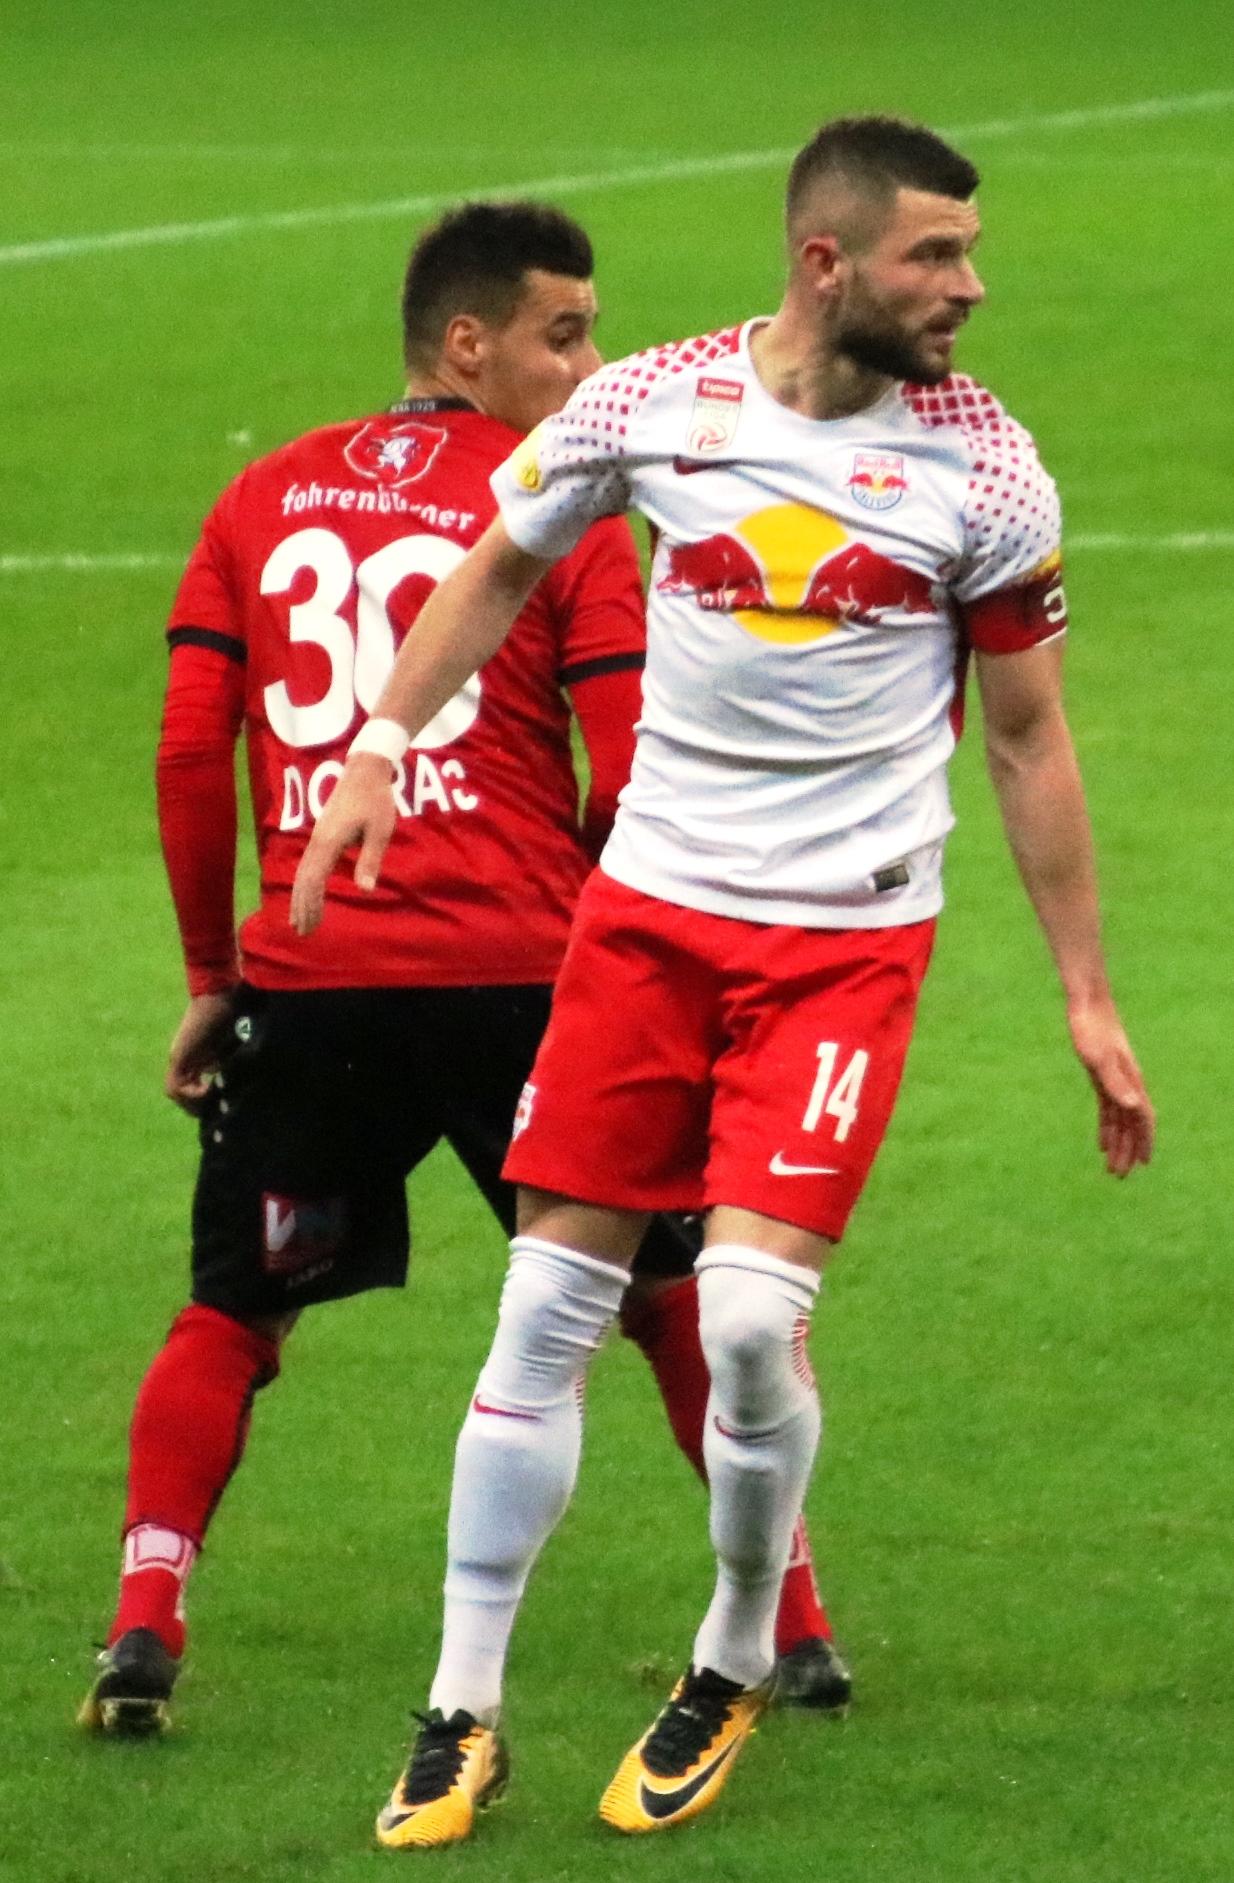 Filefc Red Bull Salzburg Gegen Scr Altach